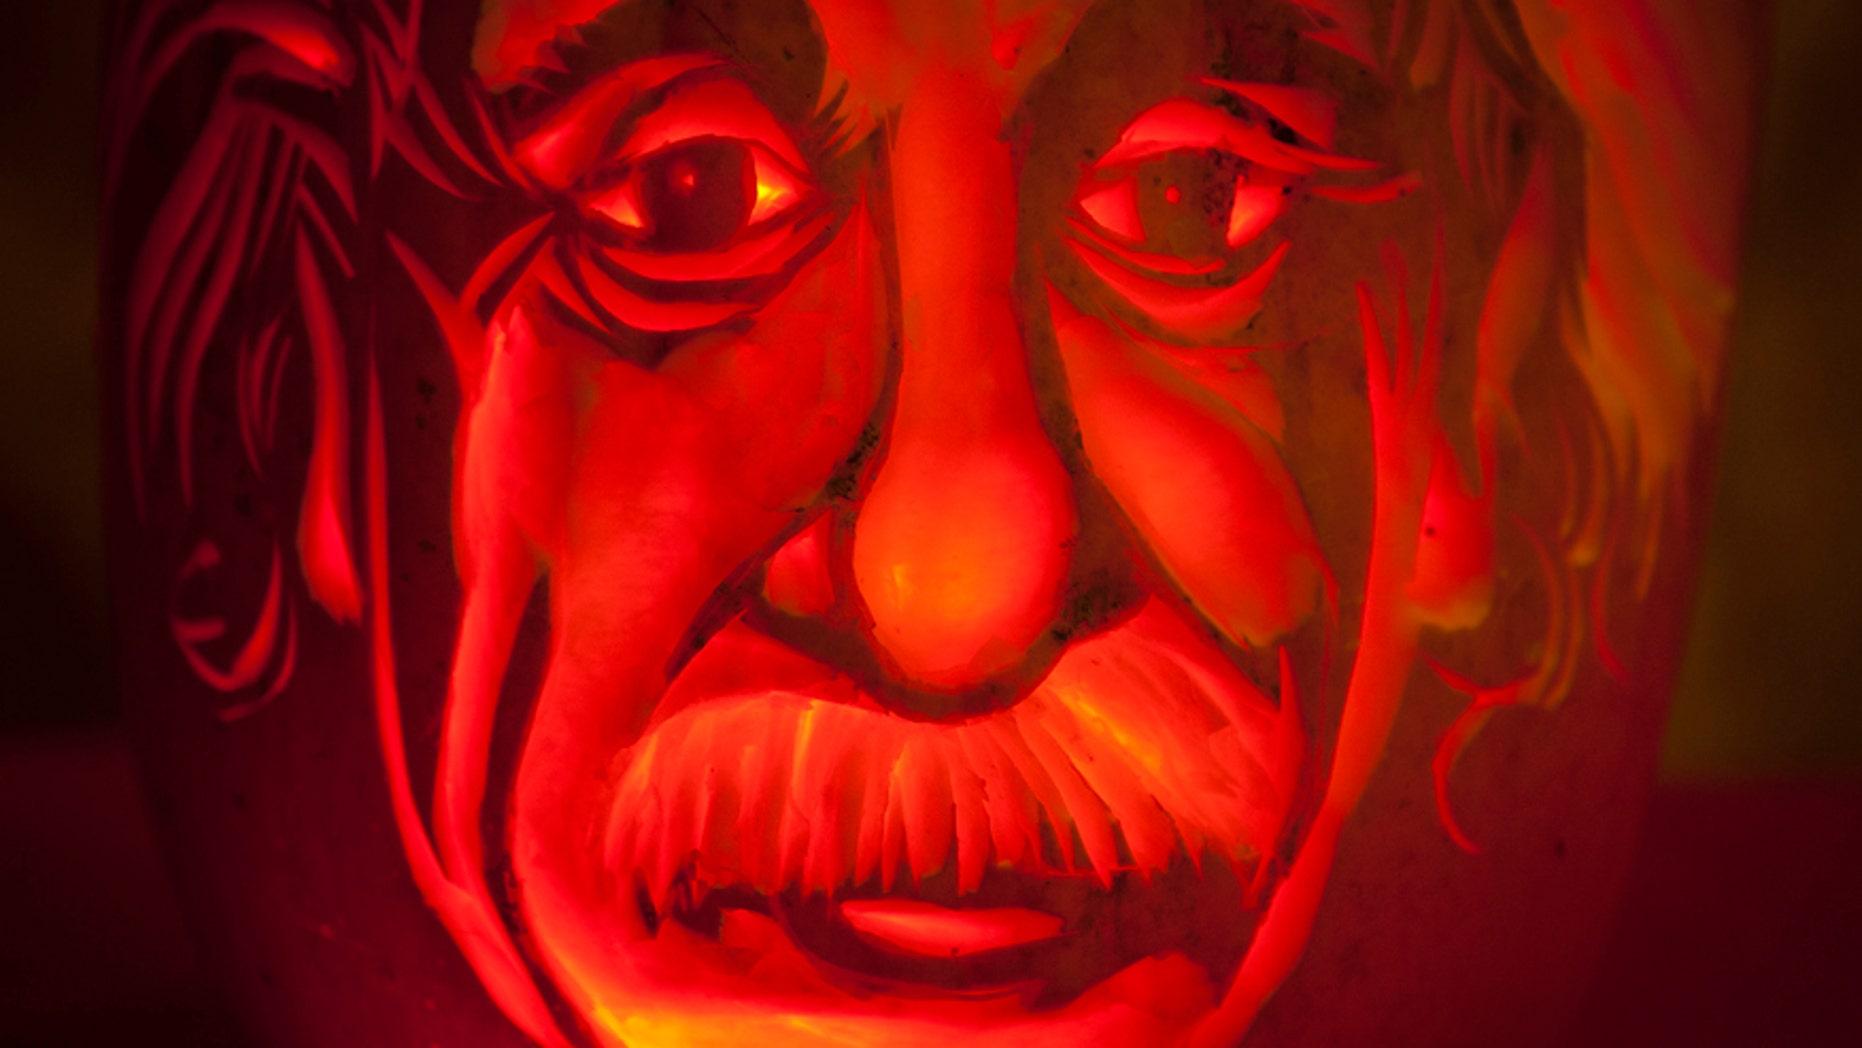 An Albert Einstein pumpkin is pictured at Madame Tussauds in New York, Oct. 22, 2013.